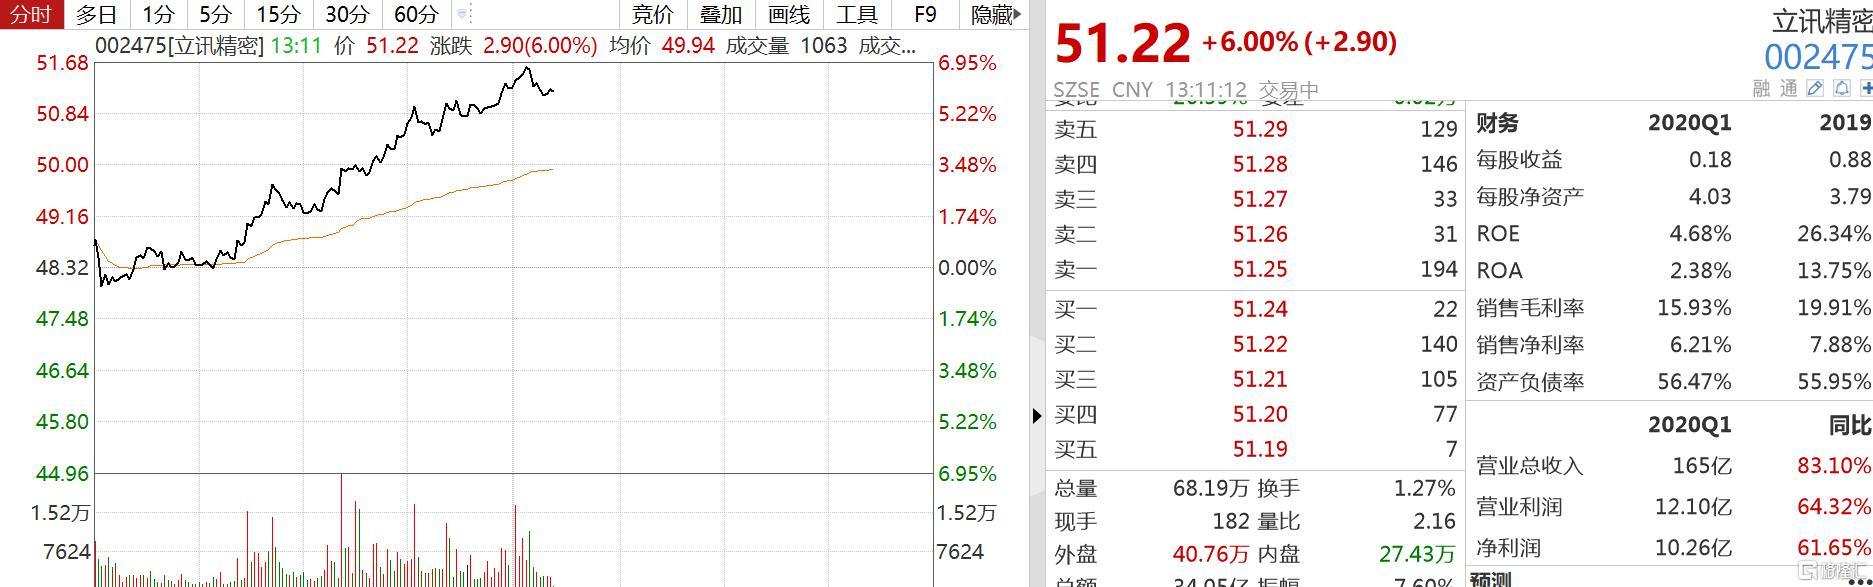 立讯精密股票,立讯精密大涨逾6%超海康,成中小板市值第一股